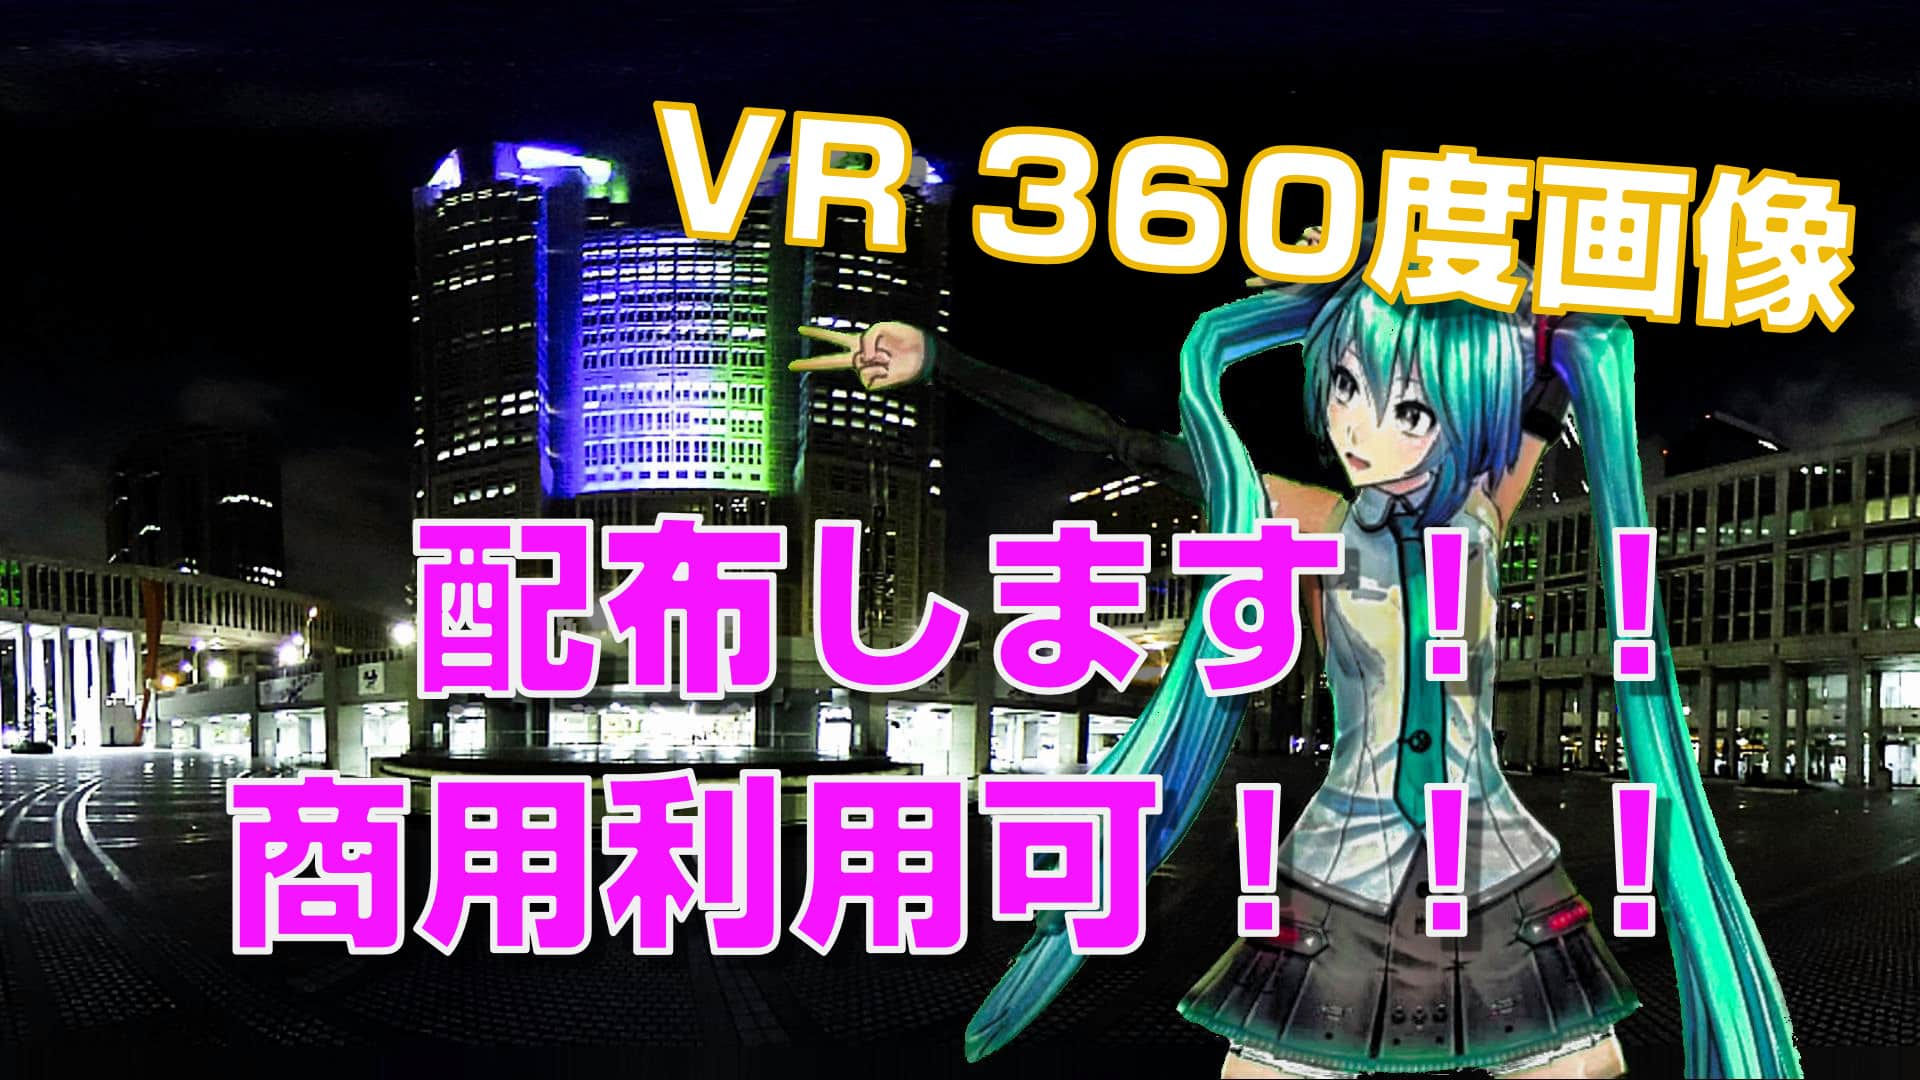 360度画像を無料配布 Vr動画の編集で活用してくださいませ 商用利用可 ピーディーの課外授業